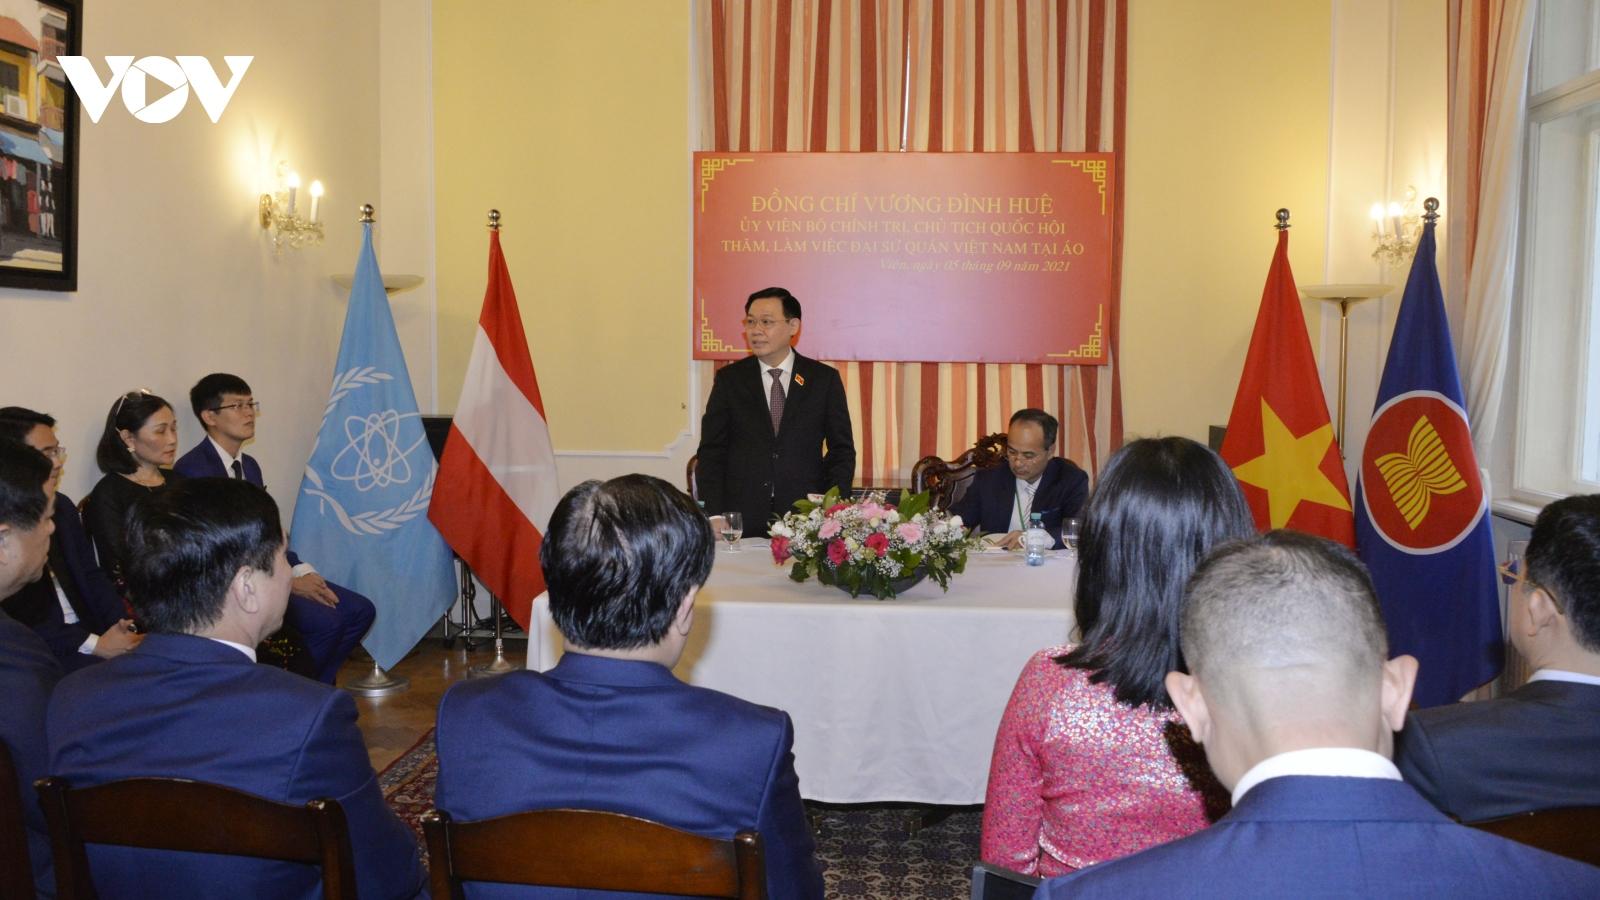 Chủ tịch Quốc hội gặp đại diện cộng đồng người Việt Nam tại 6 nước Trung Đông Âu